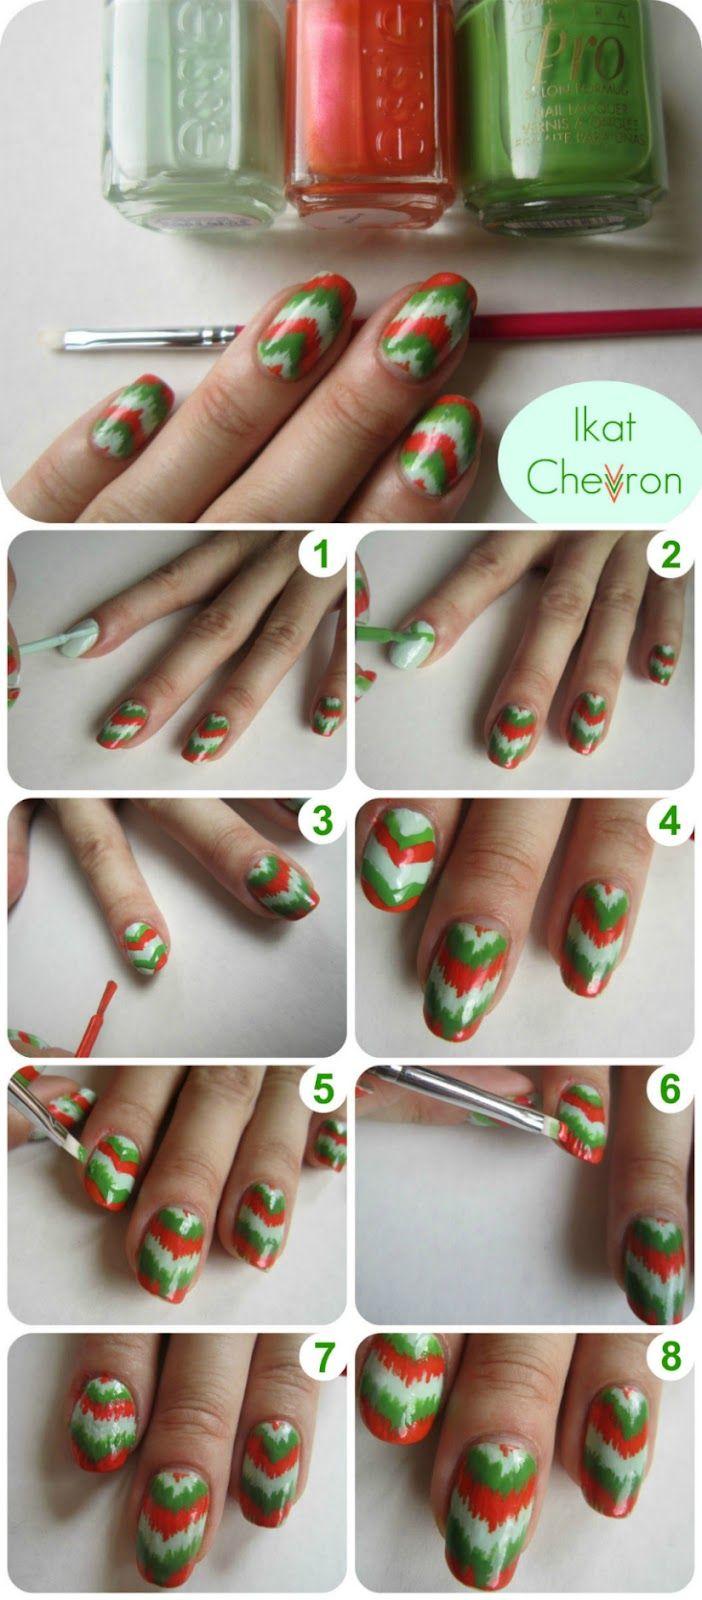 Chevron nail tutorial. Ikat styles! Totally doing this on Monday!